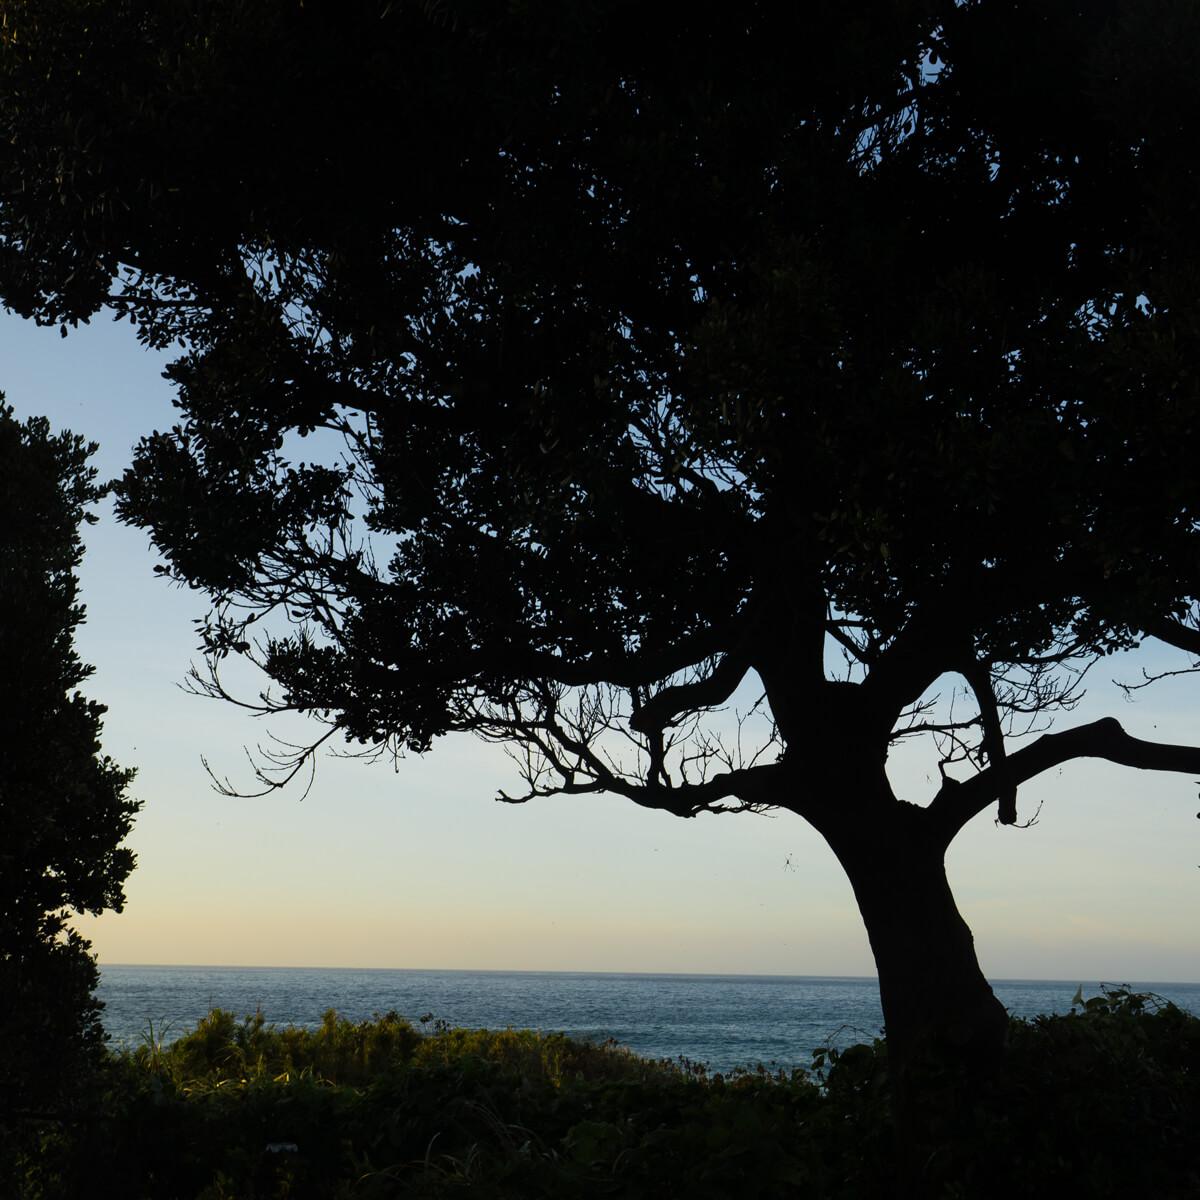 木々の影の向こうに夕暮れ時の海 屋久島海とジュエリー オーダーメイドマリッジリングのモチーフ